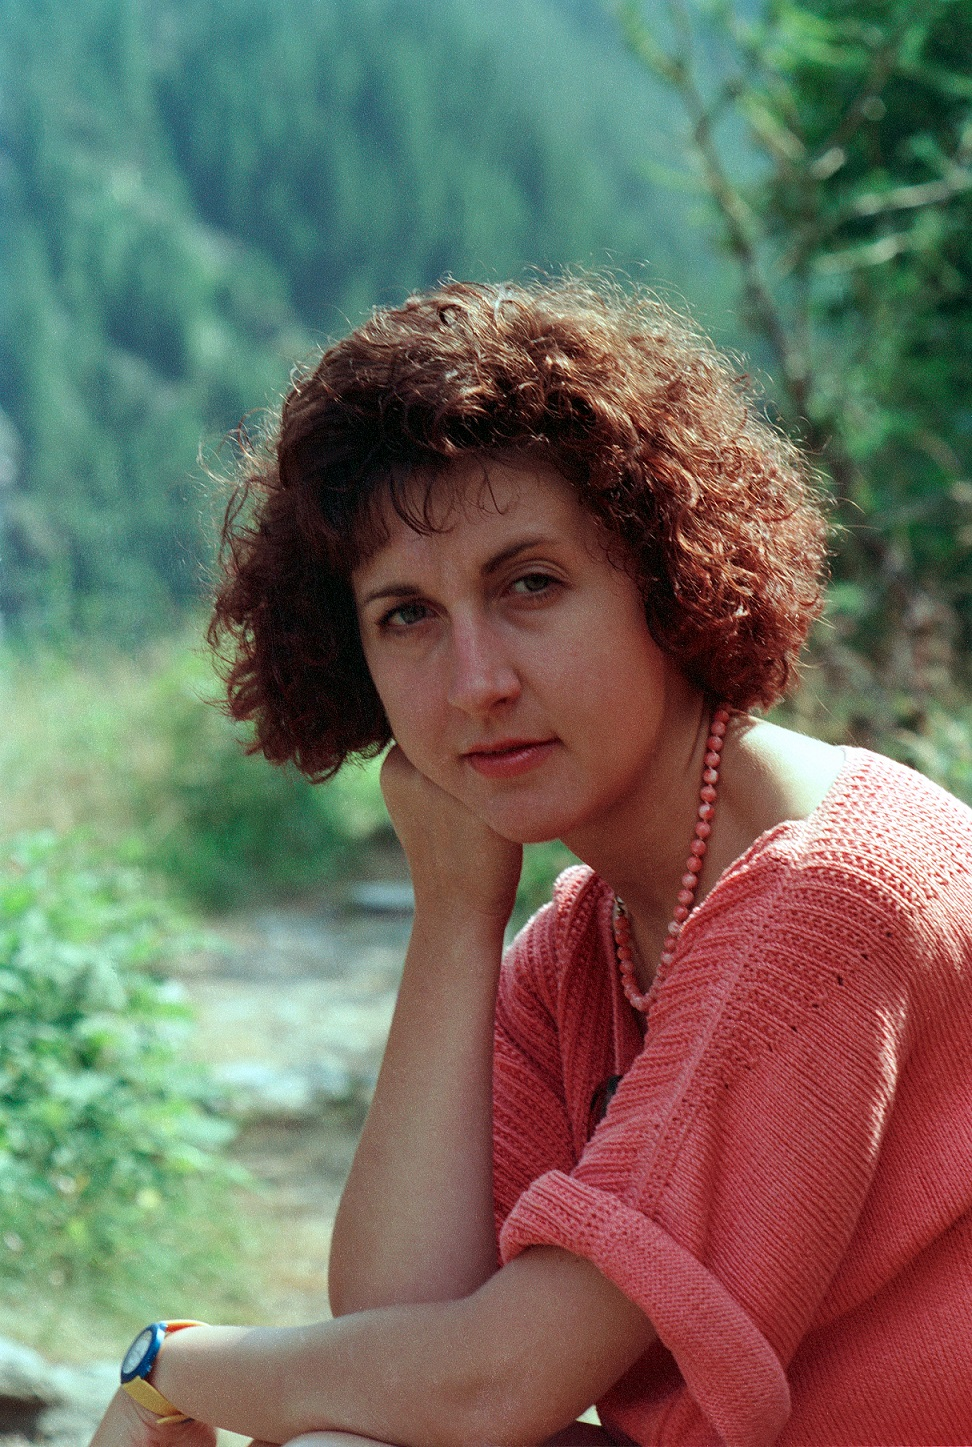 Le interviste di Marta Lock: Mariagrazia Zanetti, impulso e colori per non rinunciare ai sogni